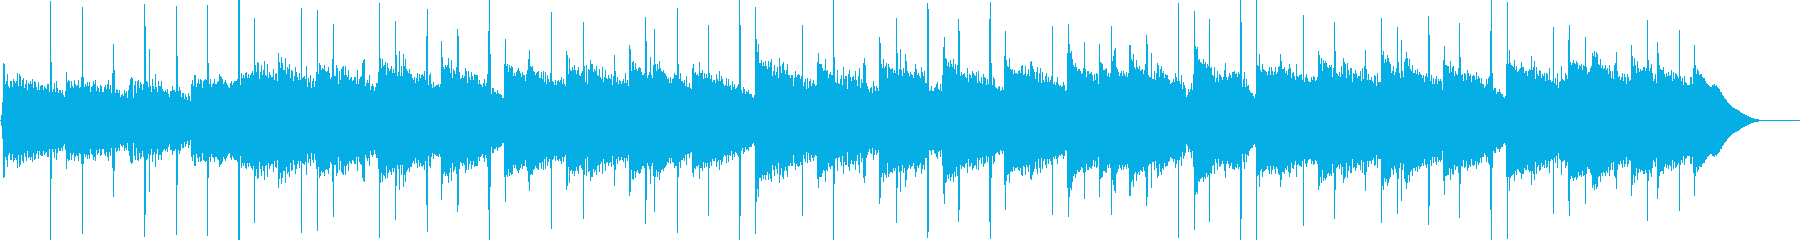 ラウンジ、神秘的、ソフトの再生済みの波形